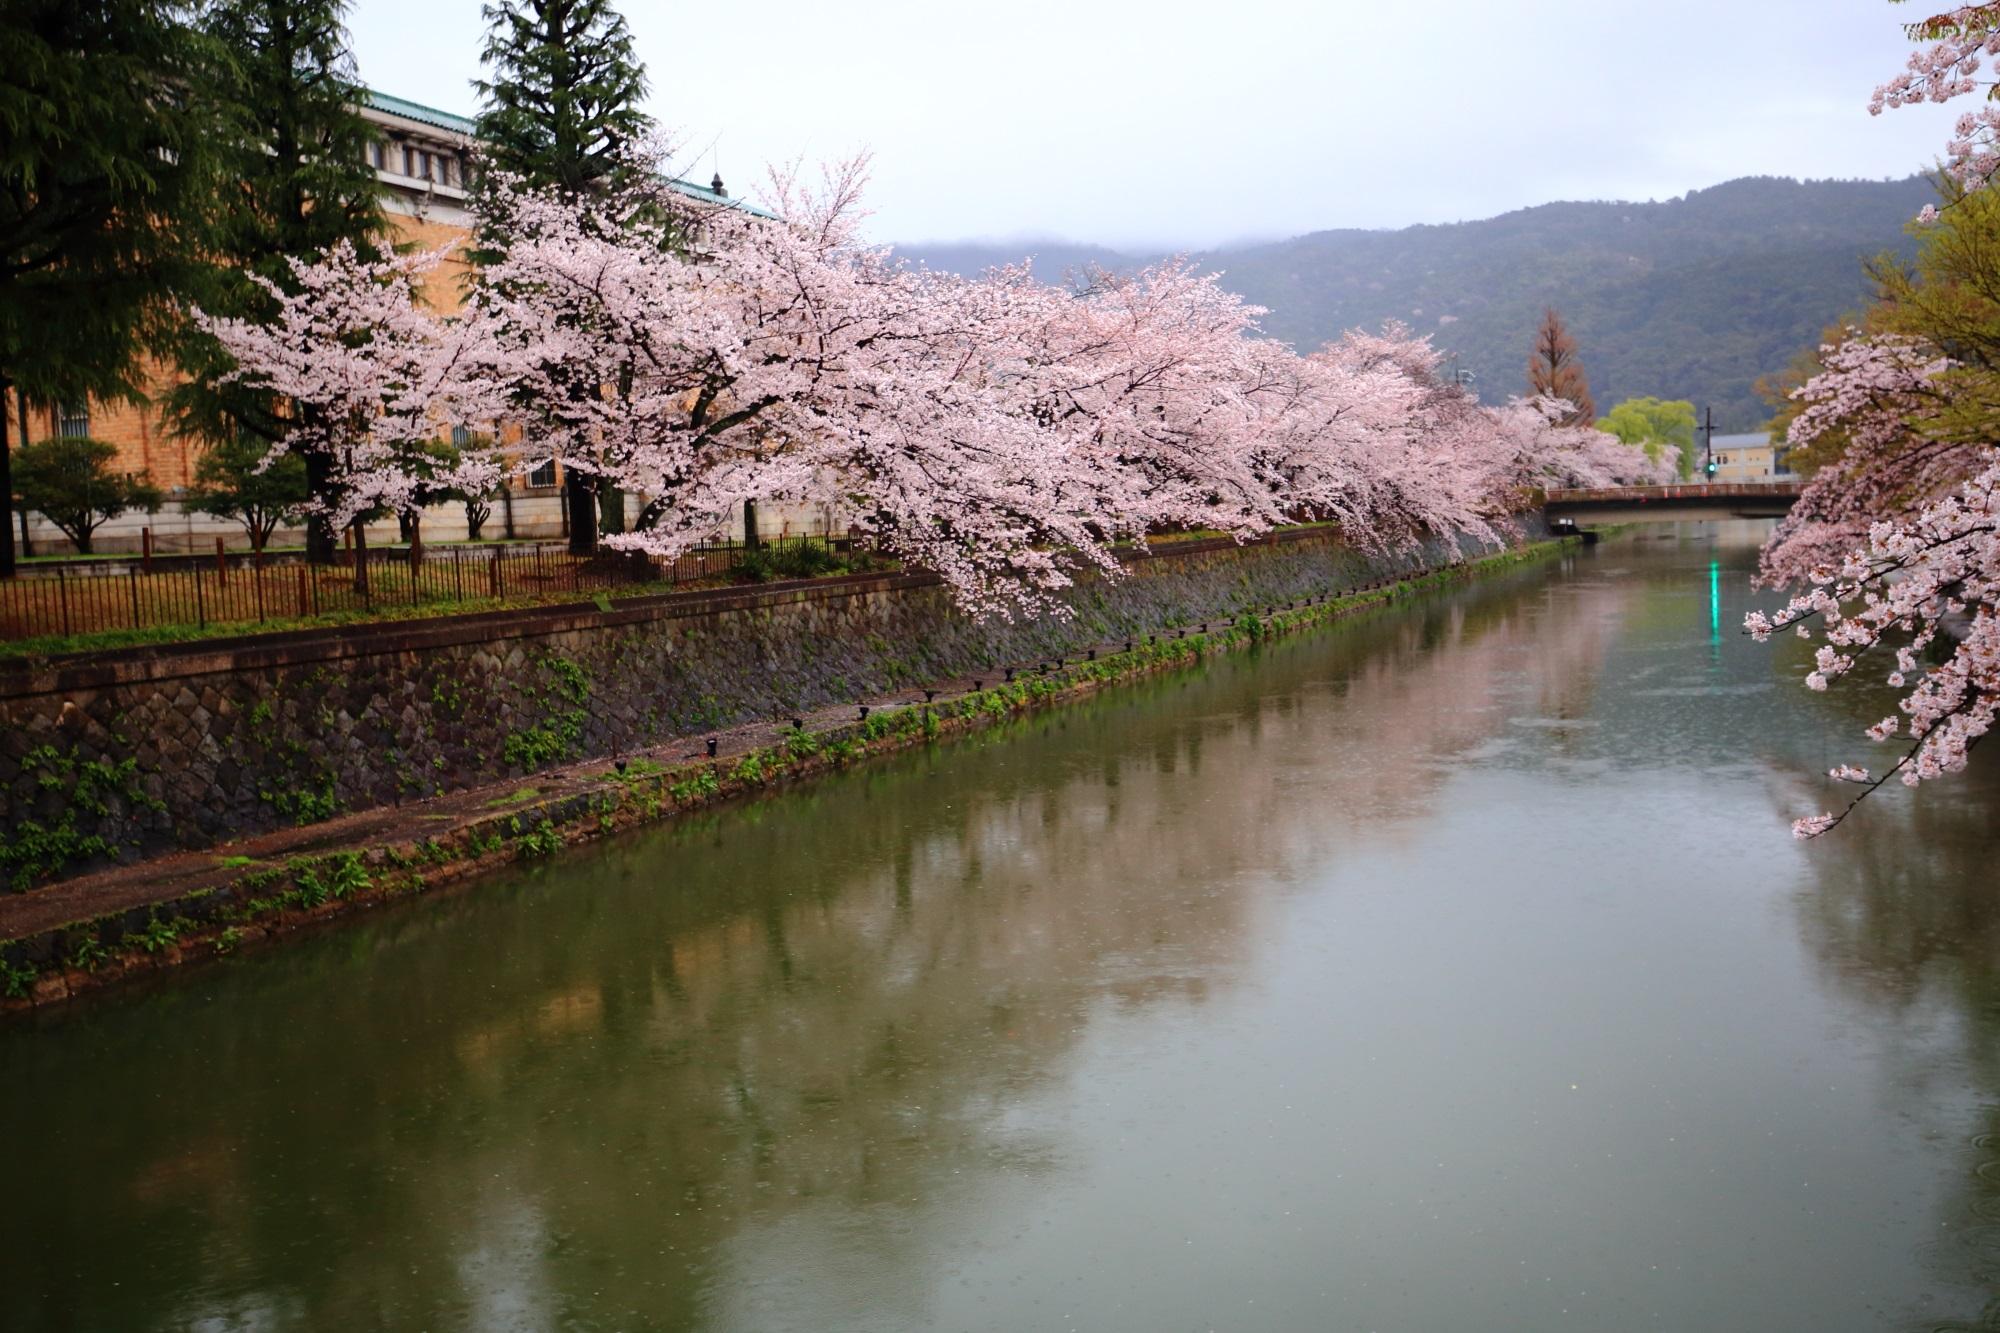 満開の桜につつまれた桜の名所の岡崎疏水